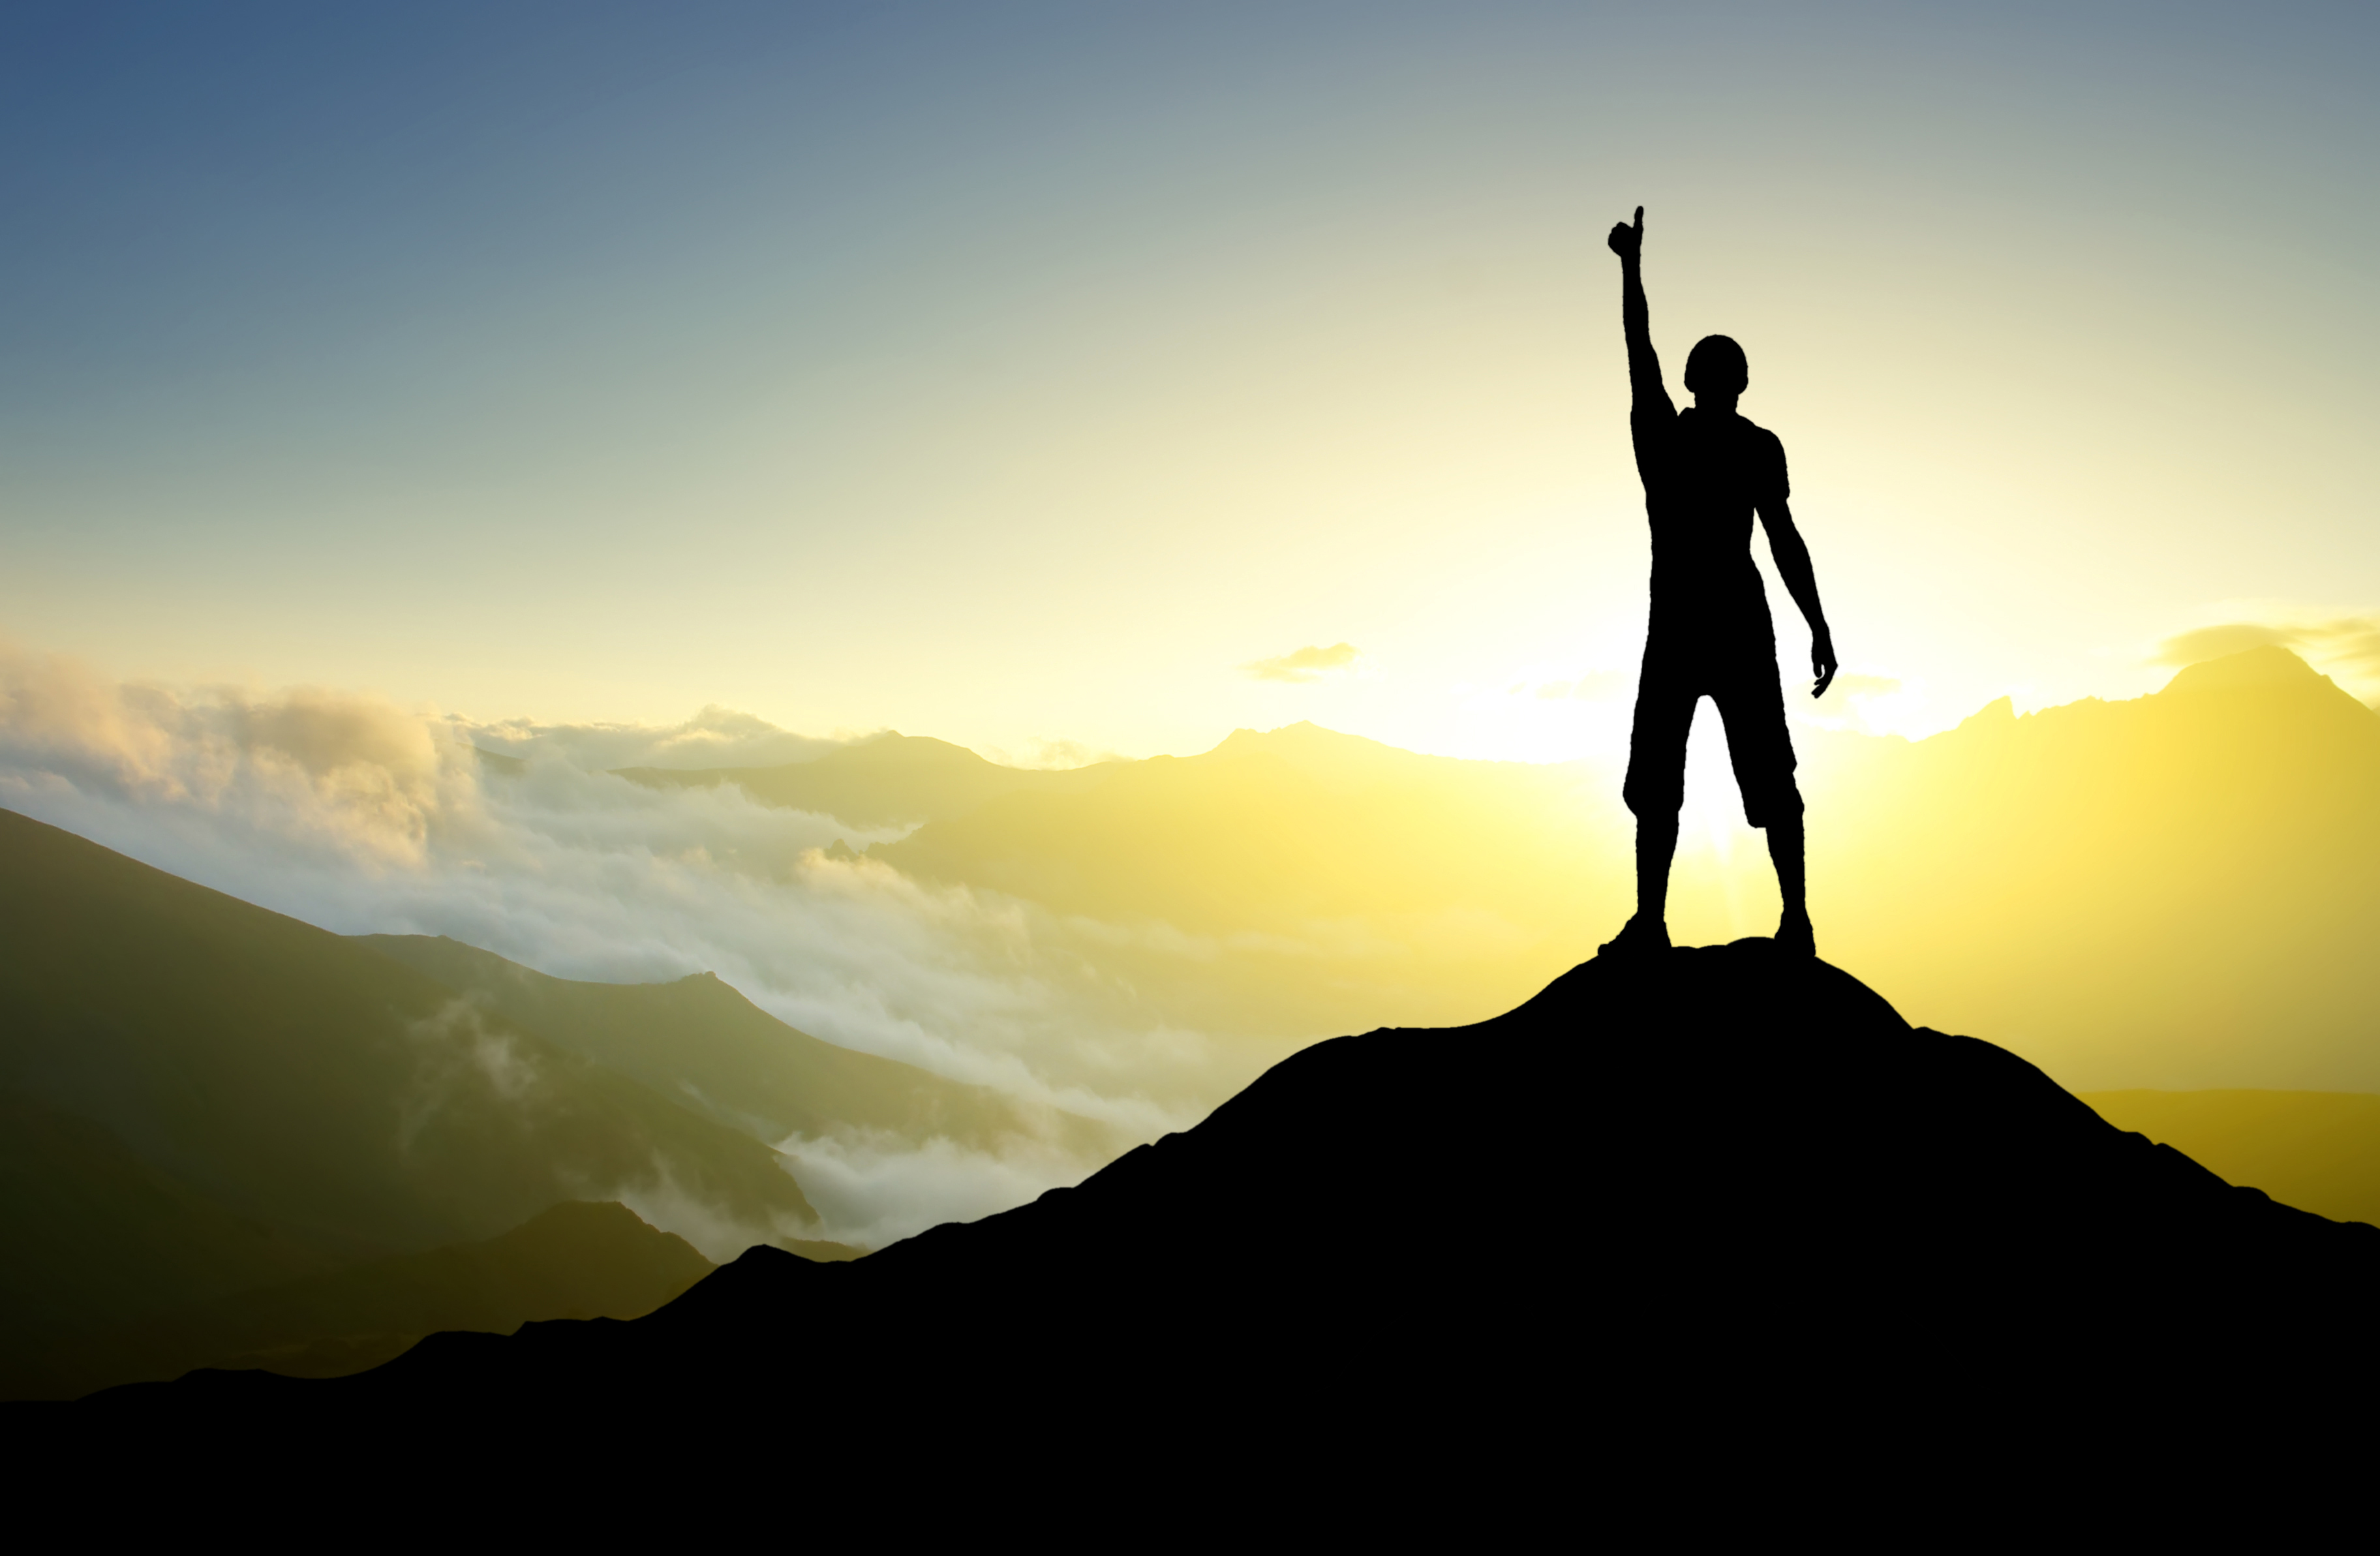 Birey bu dünyada tek başına kalsa dünyasal başarı söz konusu olmaz,